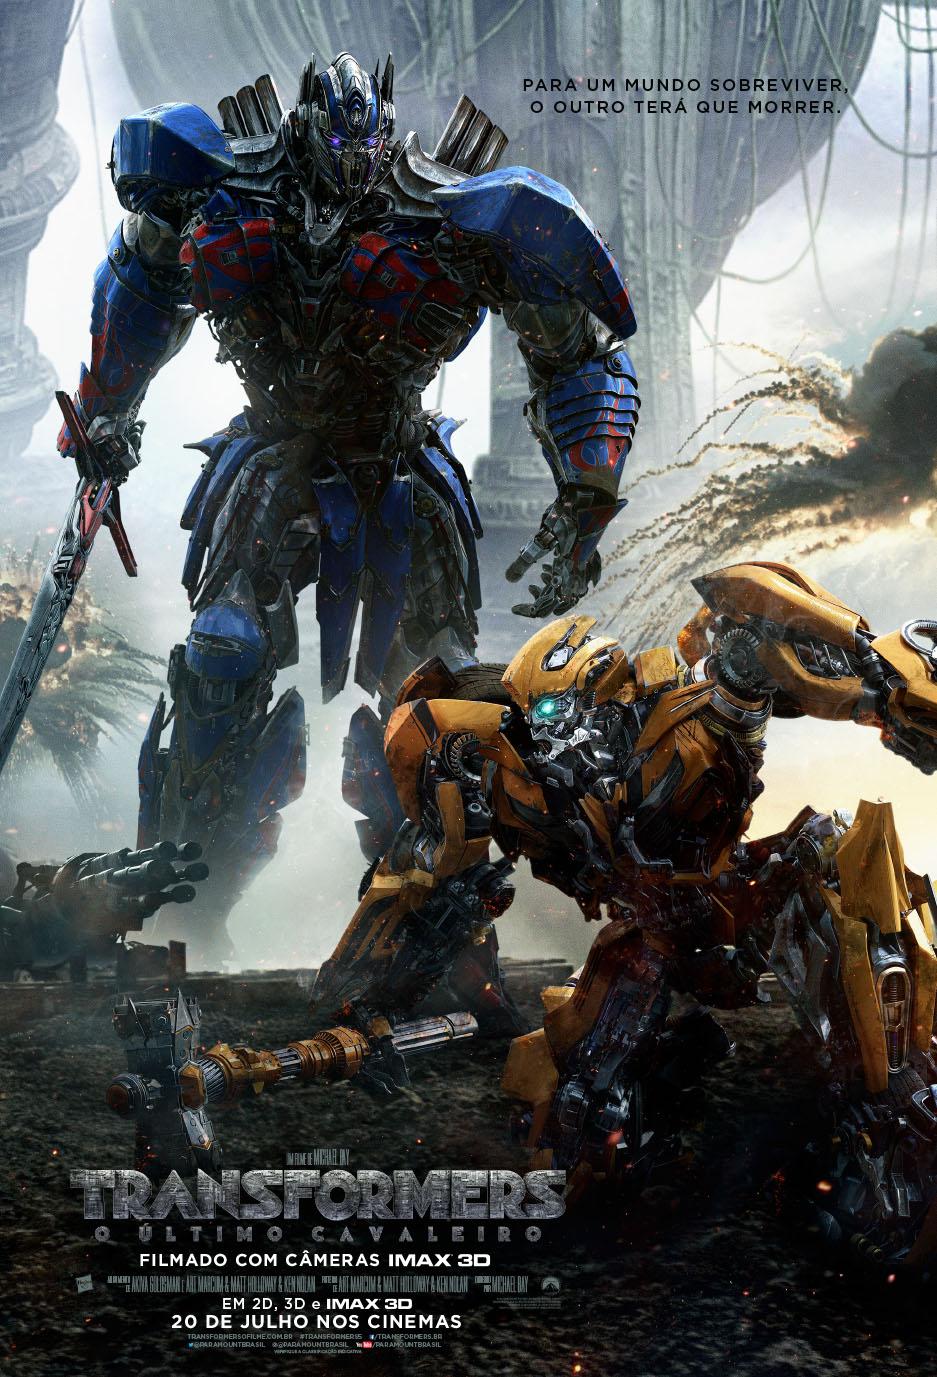 Capa Transformers: O Último Cavaleiro Torrent Dublado 720p 1080p 5.1 Baixar